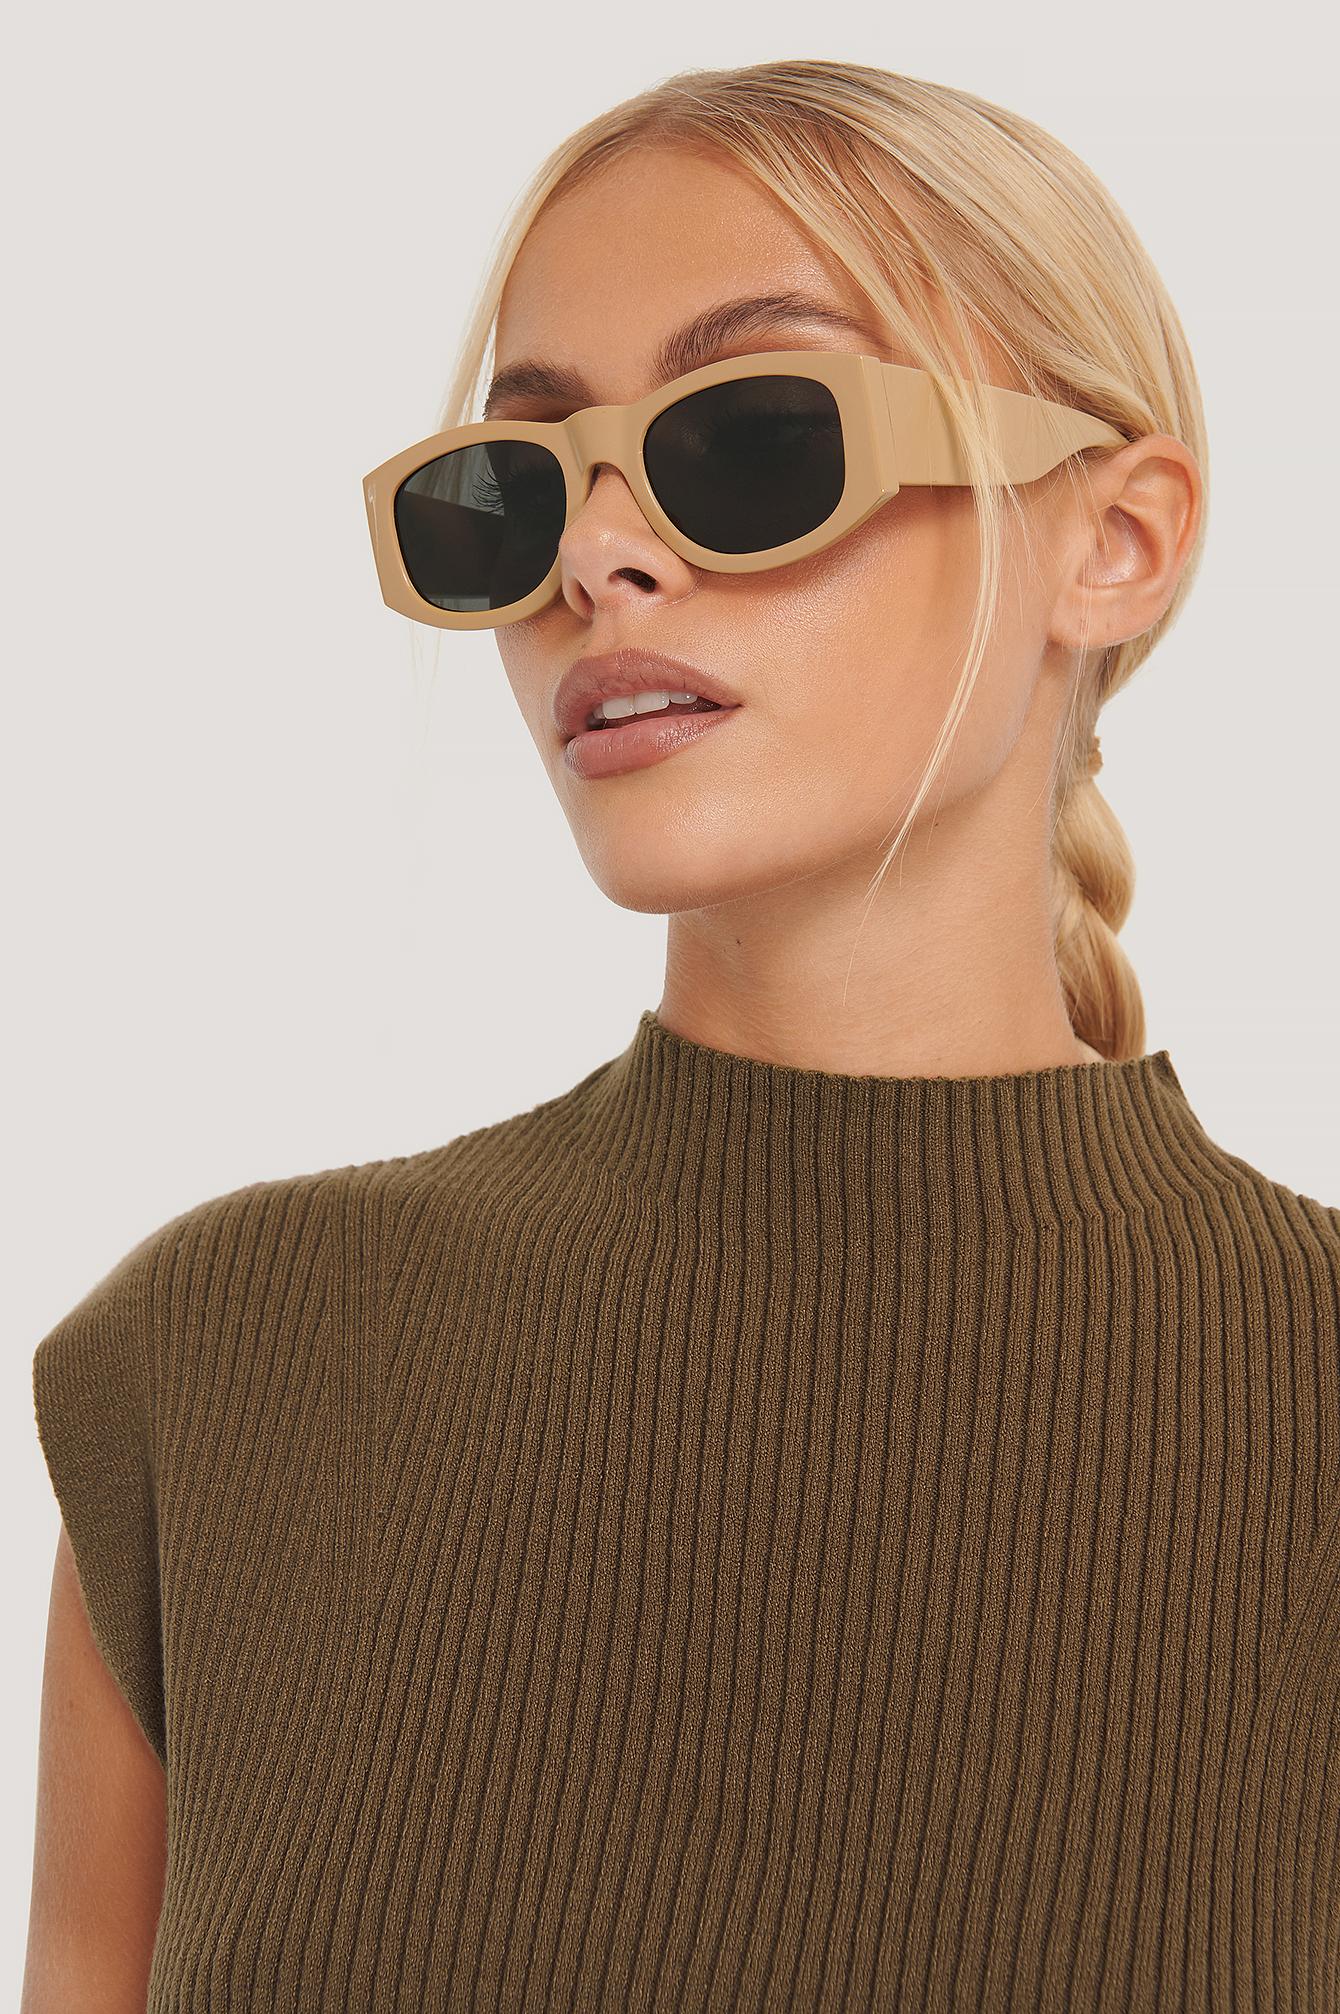 MANGO Runde Fassung Sonnenbrille - Beige   Accessoires > Sonnenbrillen > Sonstige Sonnenbrillen   Mango